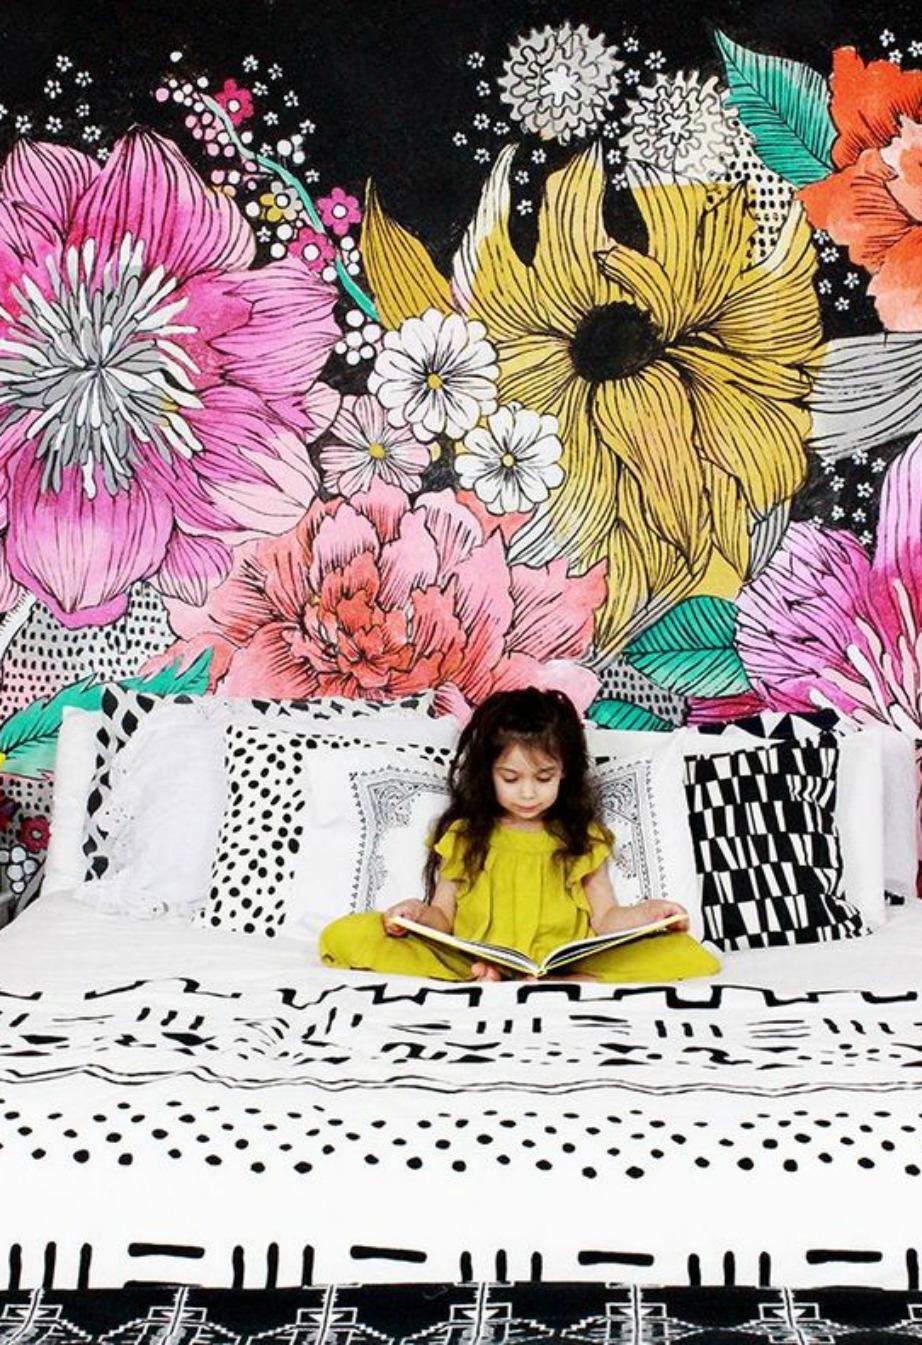 Το τρεντ των φλοράλ στην υπερβολή του. Βάλτε στο δωμάτιό σας μεγάλα σχέδια λουλουδιών σε πιο ψυχρές και σκουρόχρωμες αποχρώσεις.